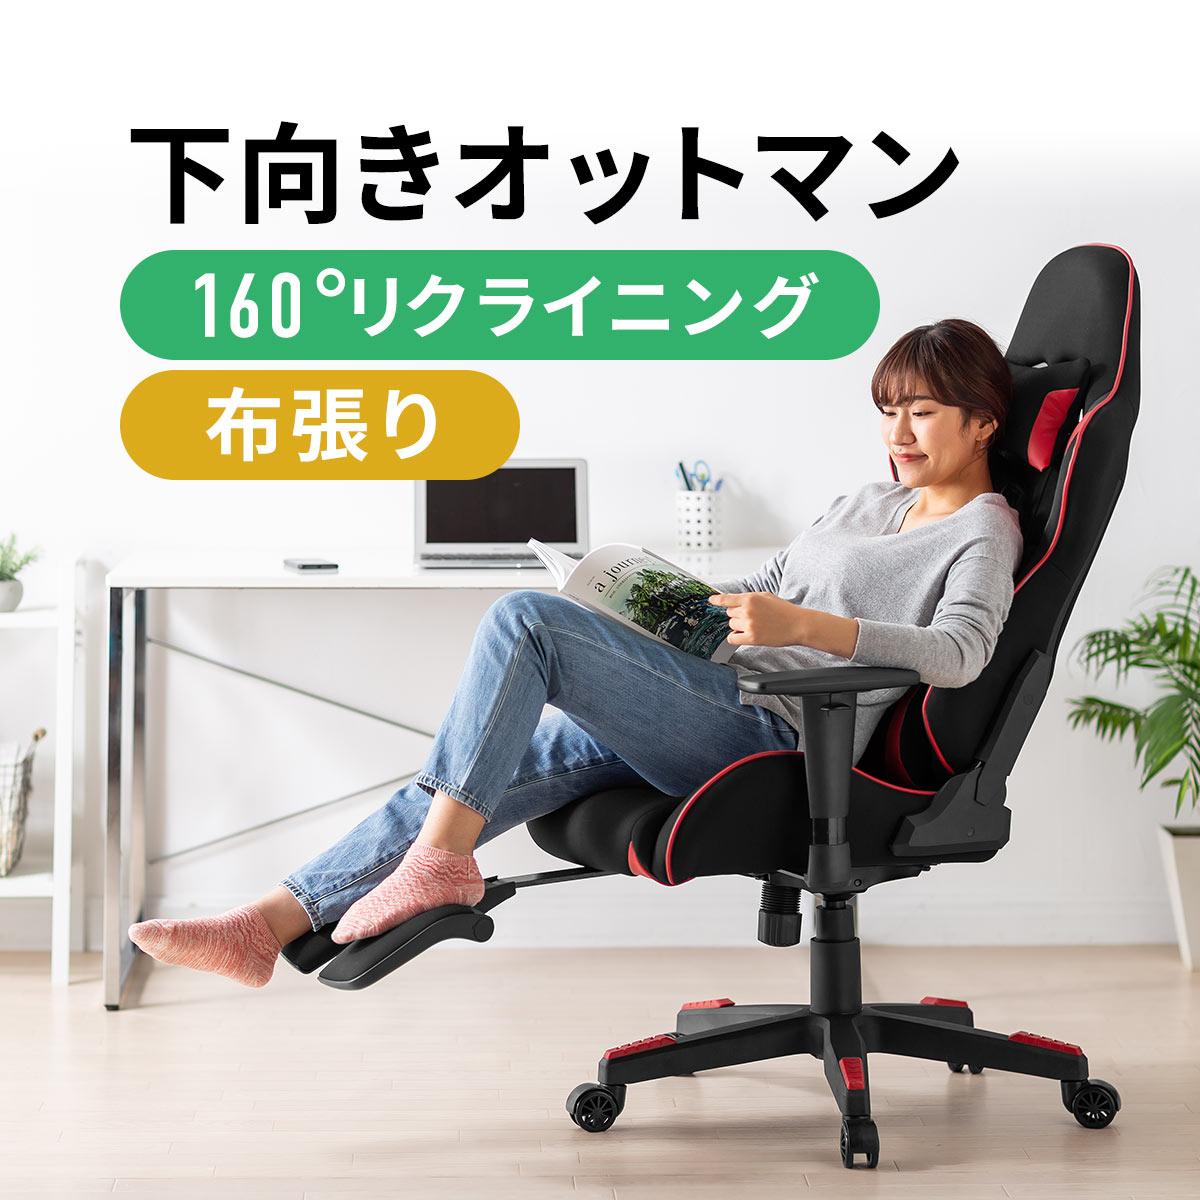 リクライニングチェア パソコンチェア ゲーミングチェア 書斎 布張り ハイバック 収納式 オットマン バケットシート ロッキング デスクチェア レーシングチェア リビングチェア レッド オフィスチェア 肘付き チェアー 椅子 いす イス